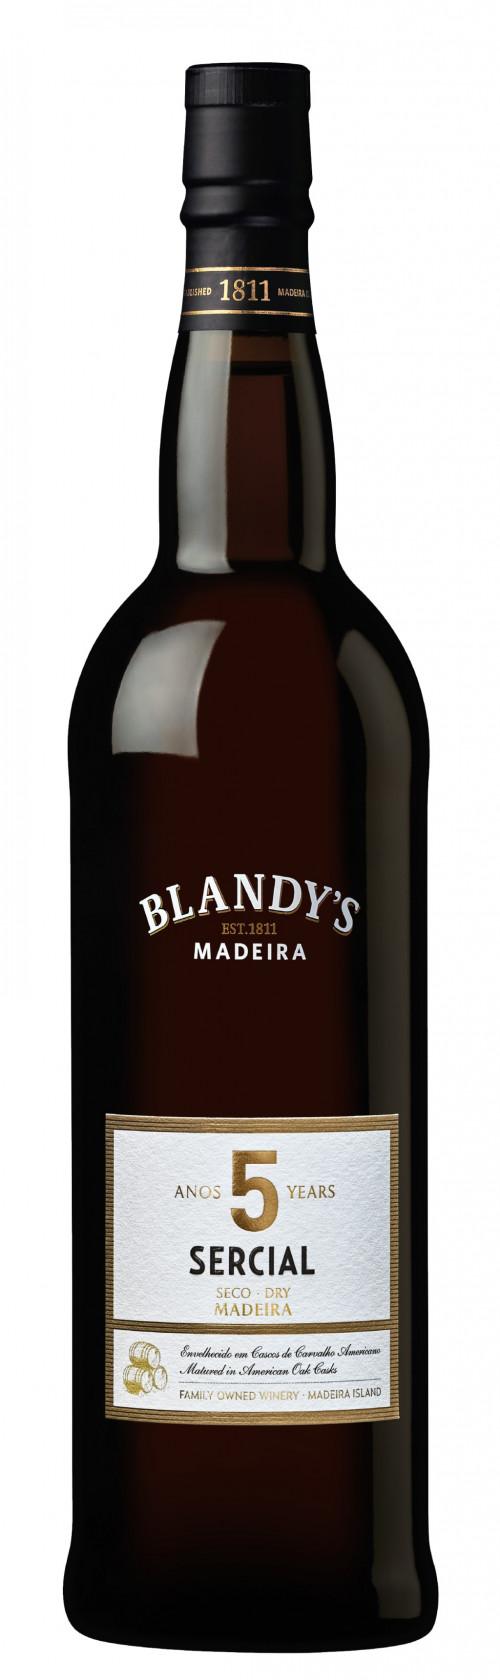 Blandys 5 Yr Sercial Madeira 750ml NV